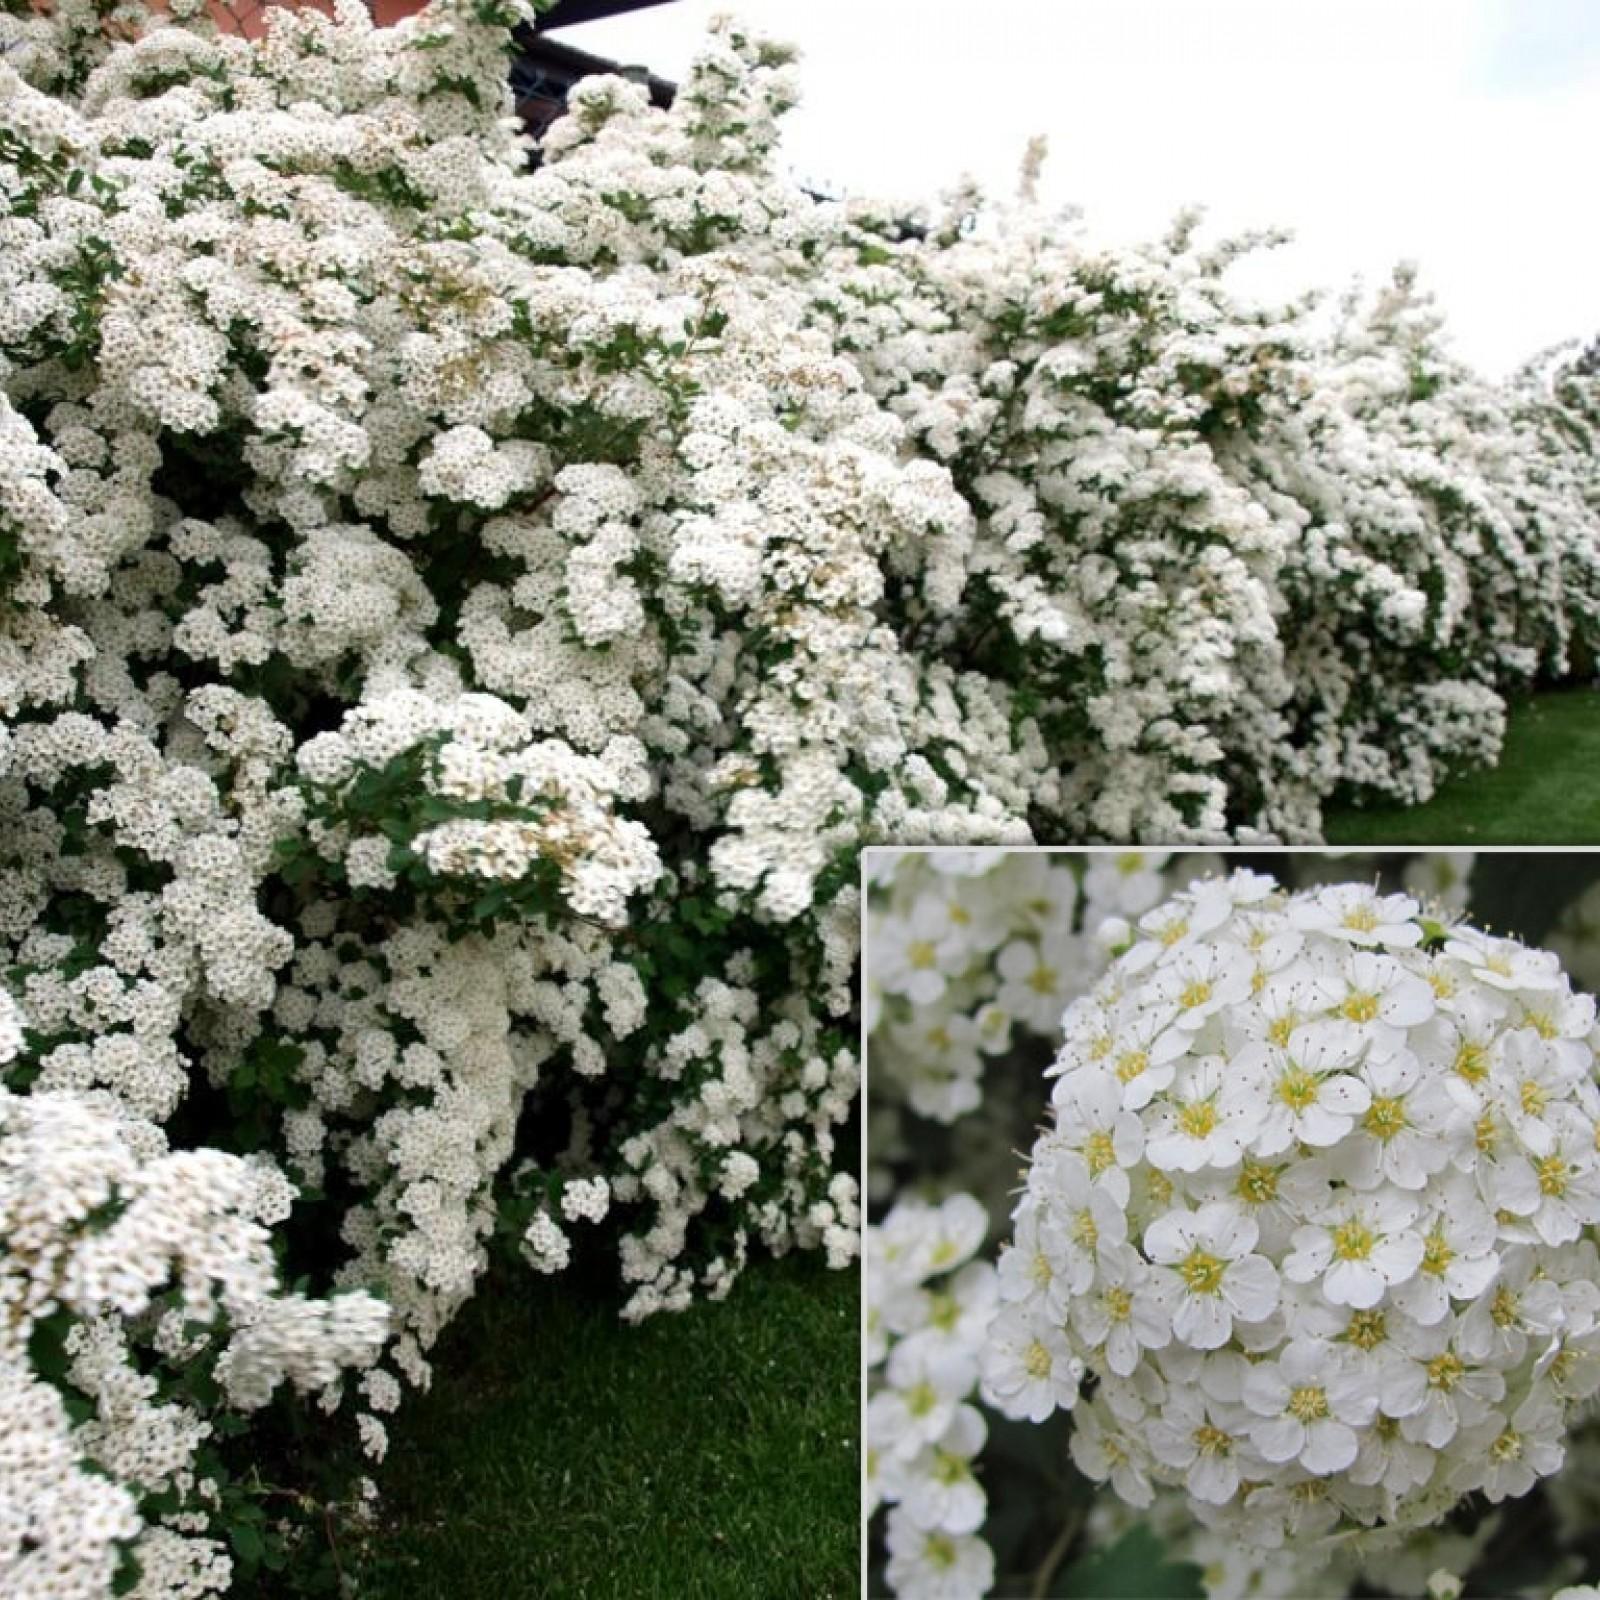 Спирея вангутта (49 фото): посадка и уход, описание кустарника и обрезка после цветения, сорта «пинк айс» и «белая невеста», использование в ландшафтном дизайне